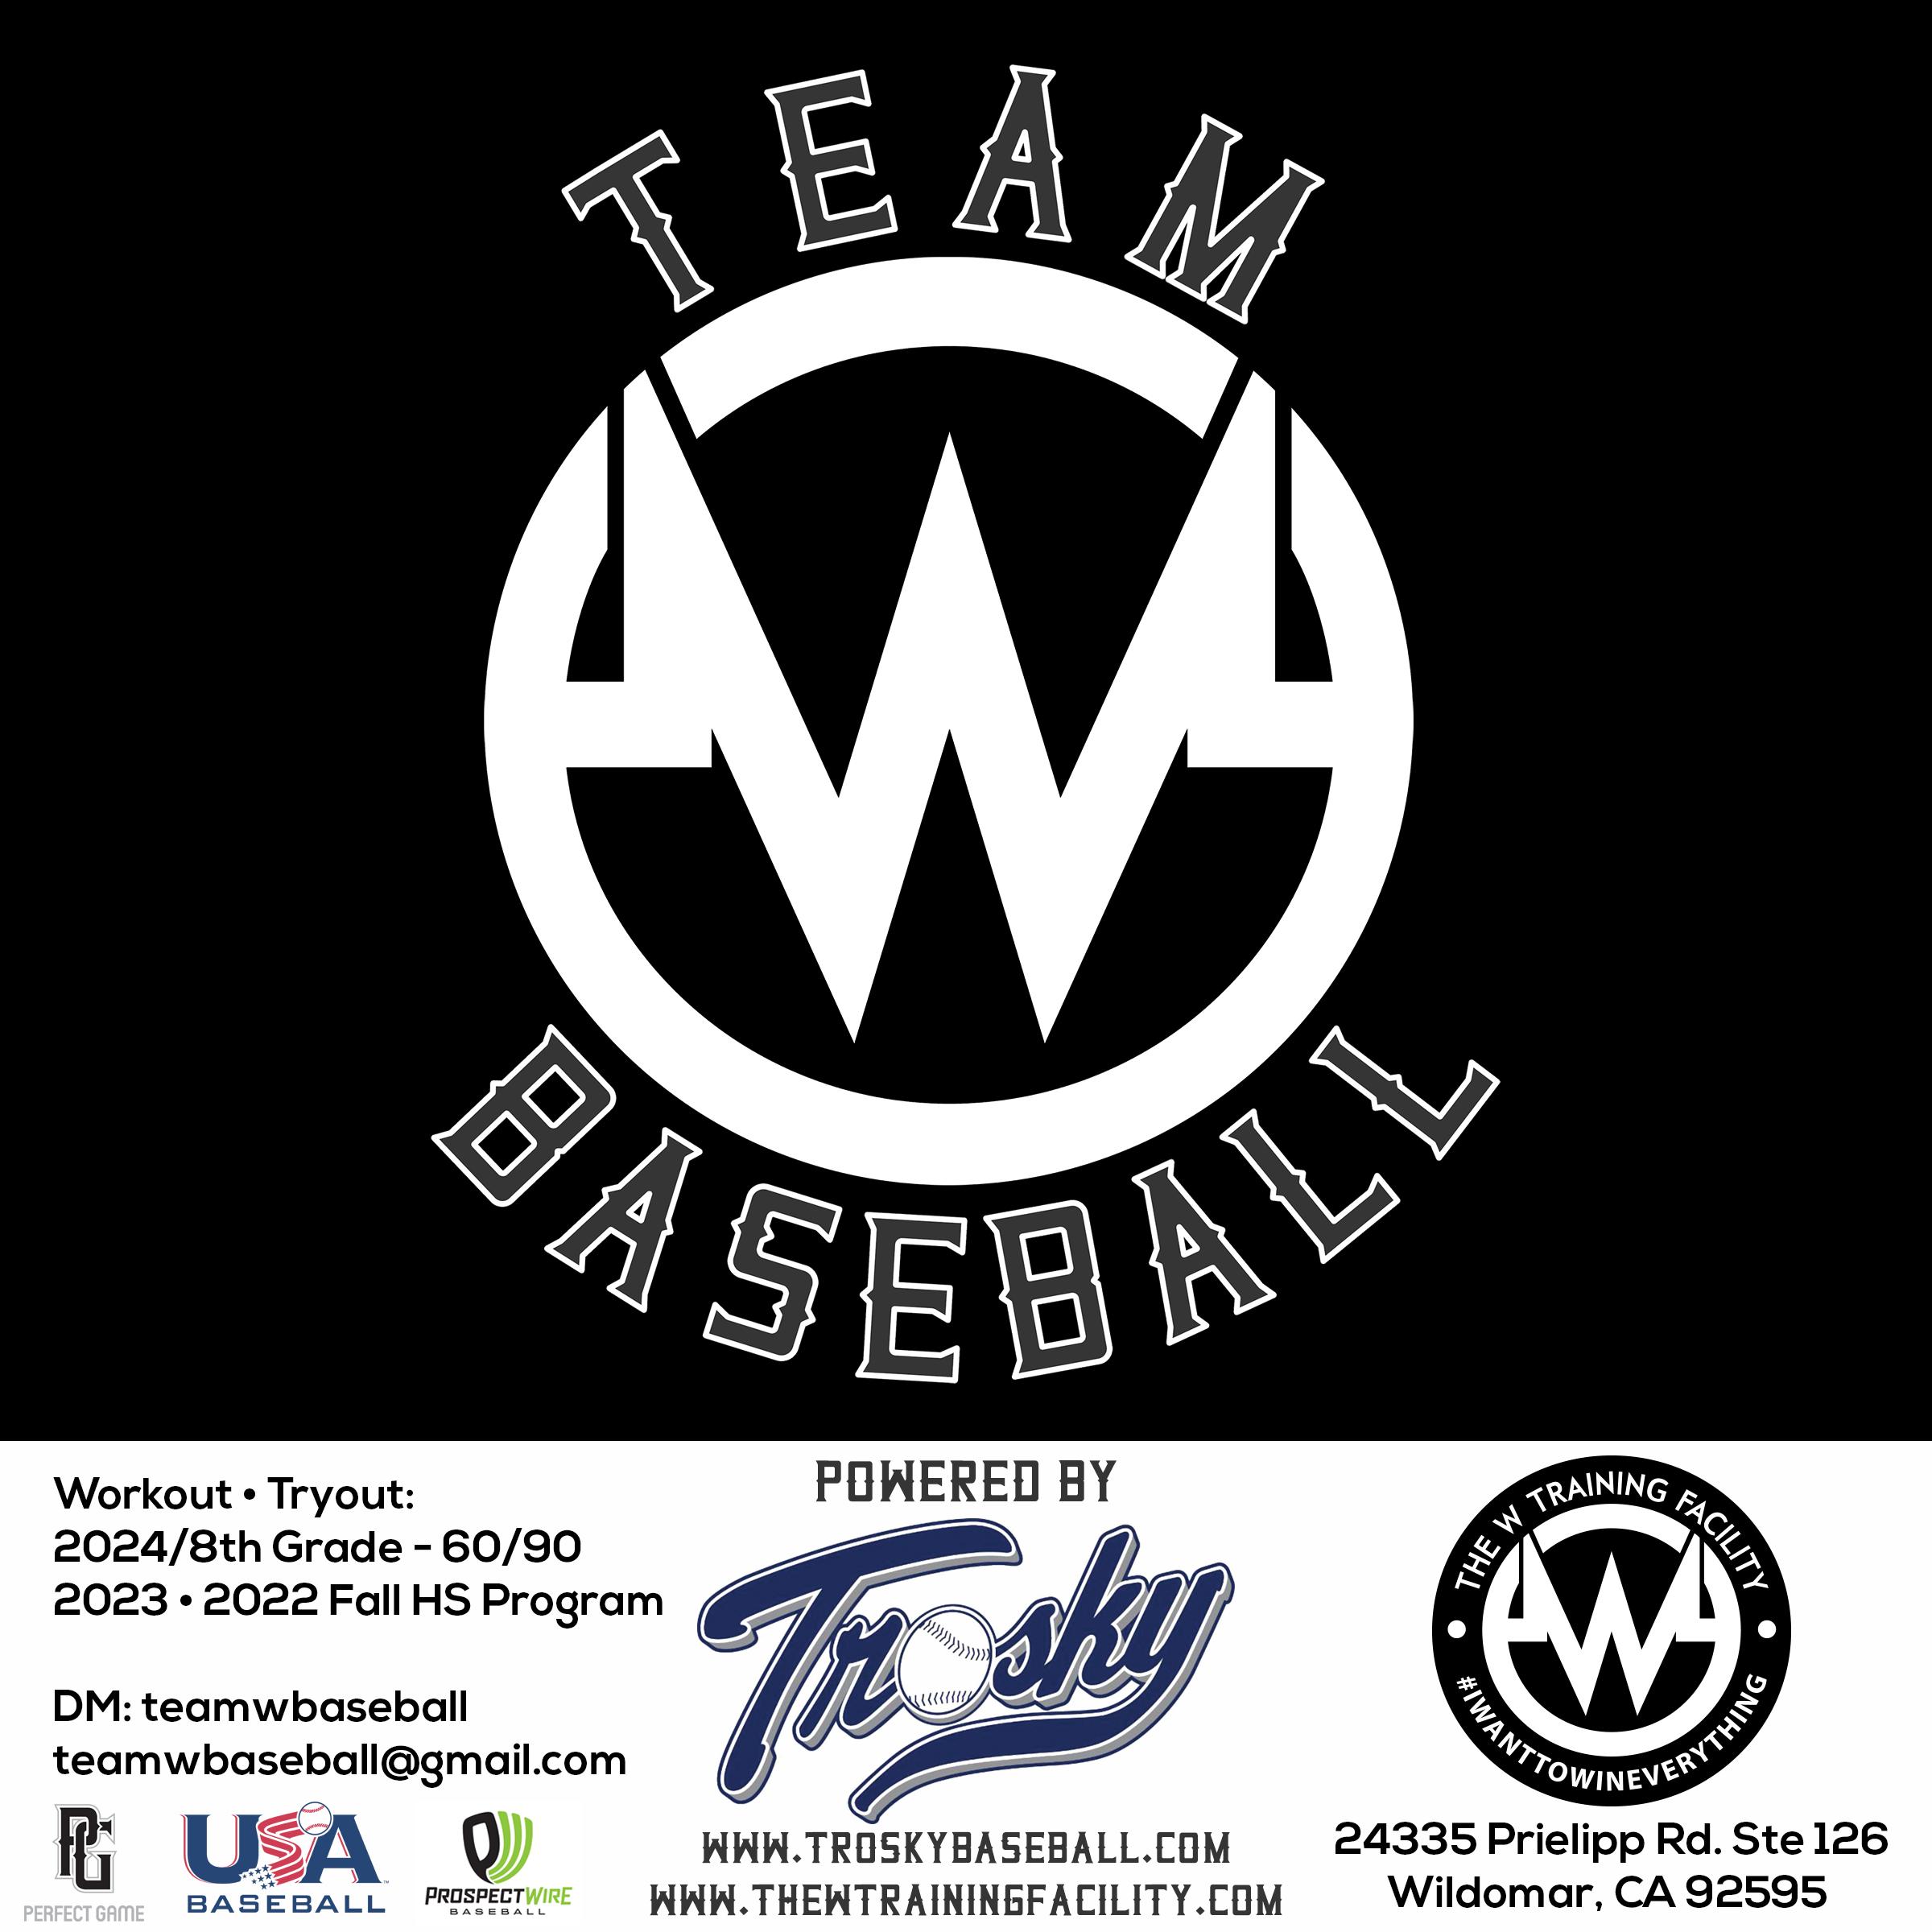 teamwbaseball-tryout